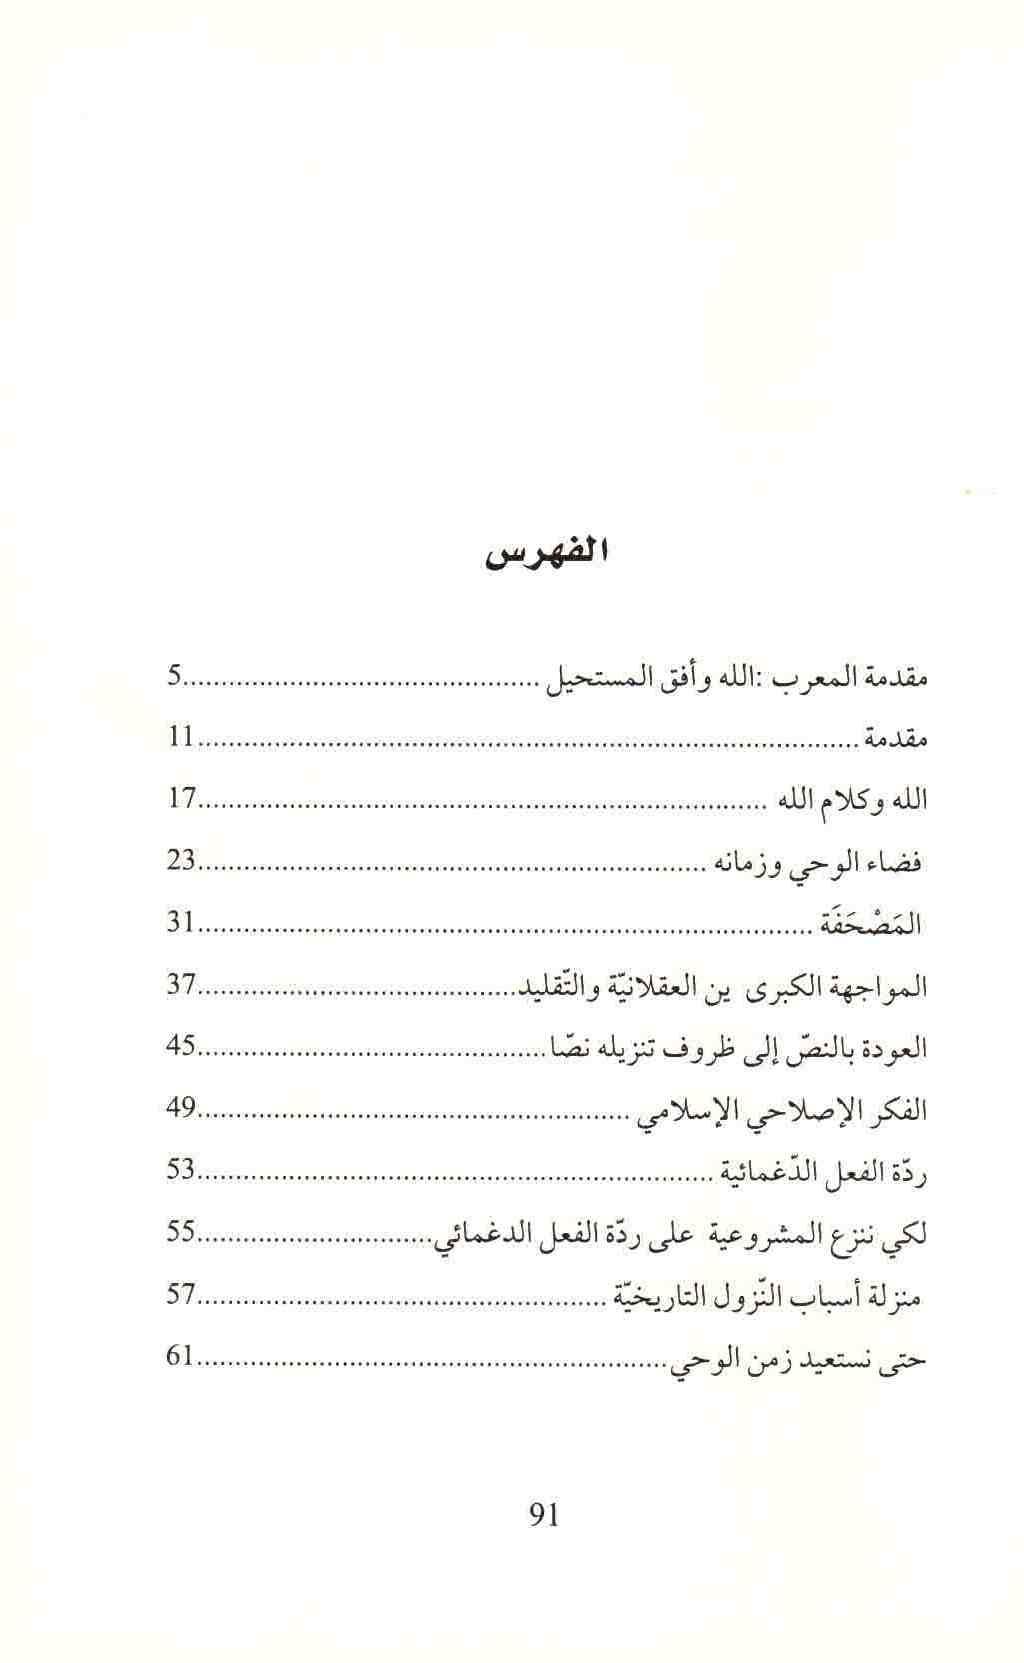 ص 91 محتويات كتاب ما لم يقله القرآن